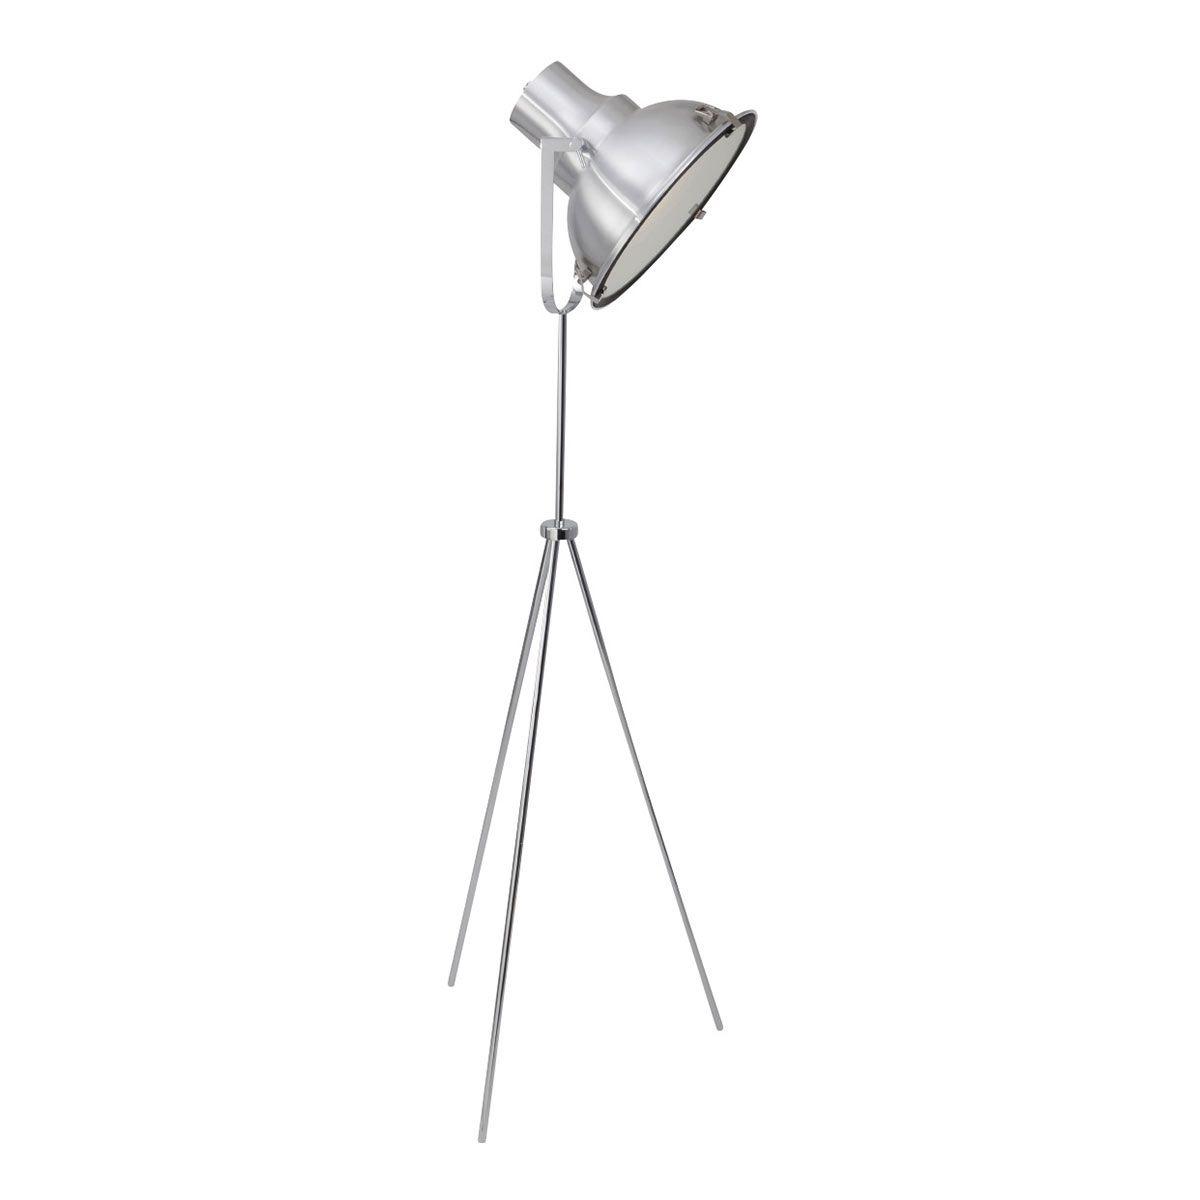 Parade Vloerlamp 7276st Dindustriele Grote Vloerlamp Met Drievoet Een Degelijke En Functionele Vloerlamp Vervaardigd Uit Vloerlamp Industriele Lampen Lampen